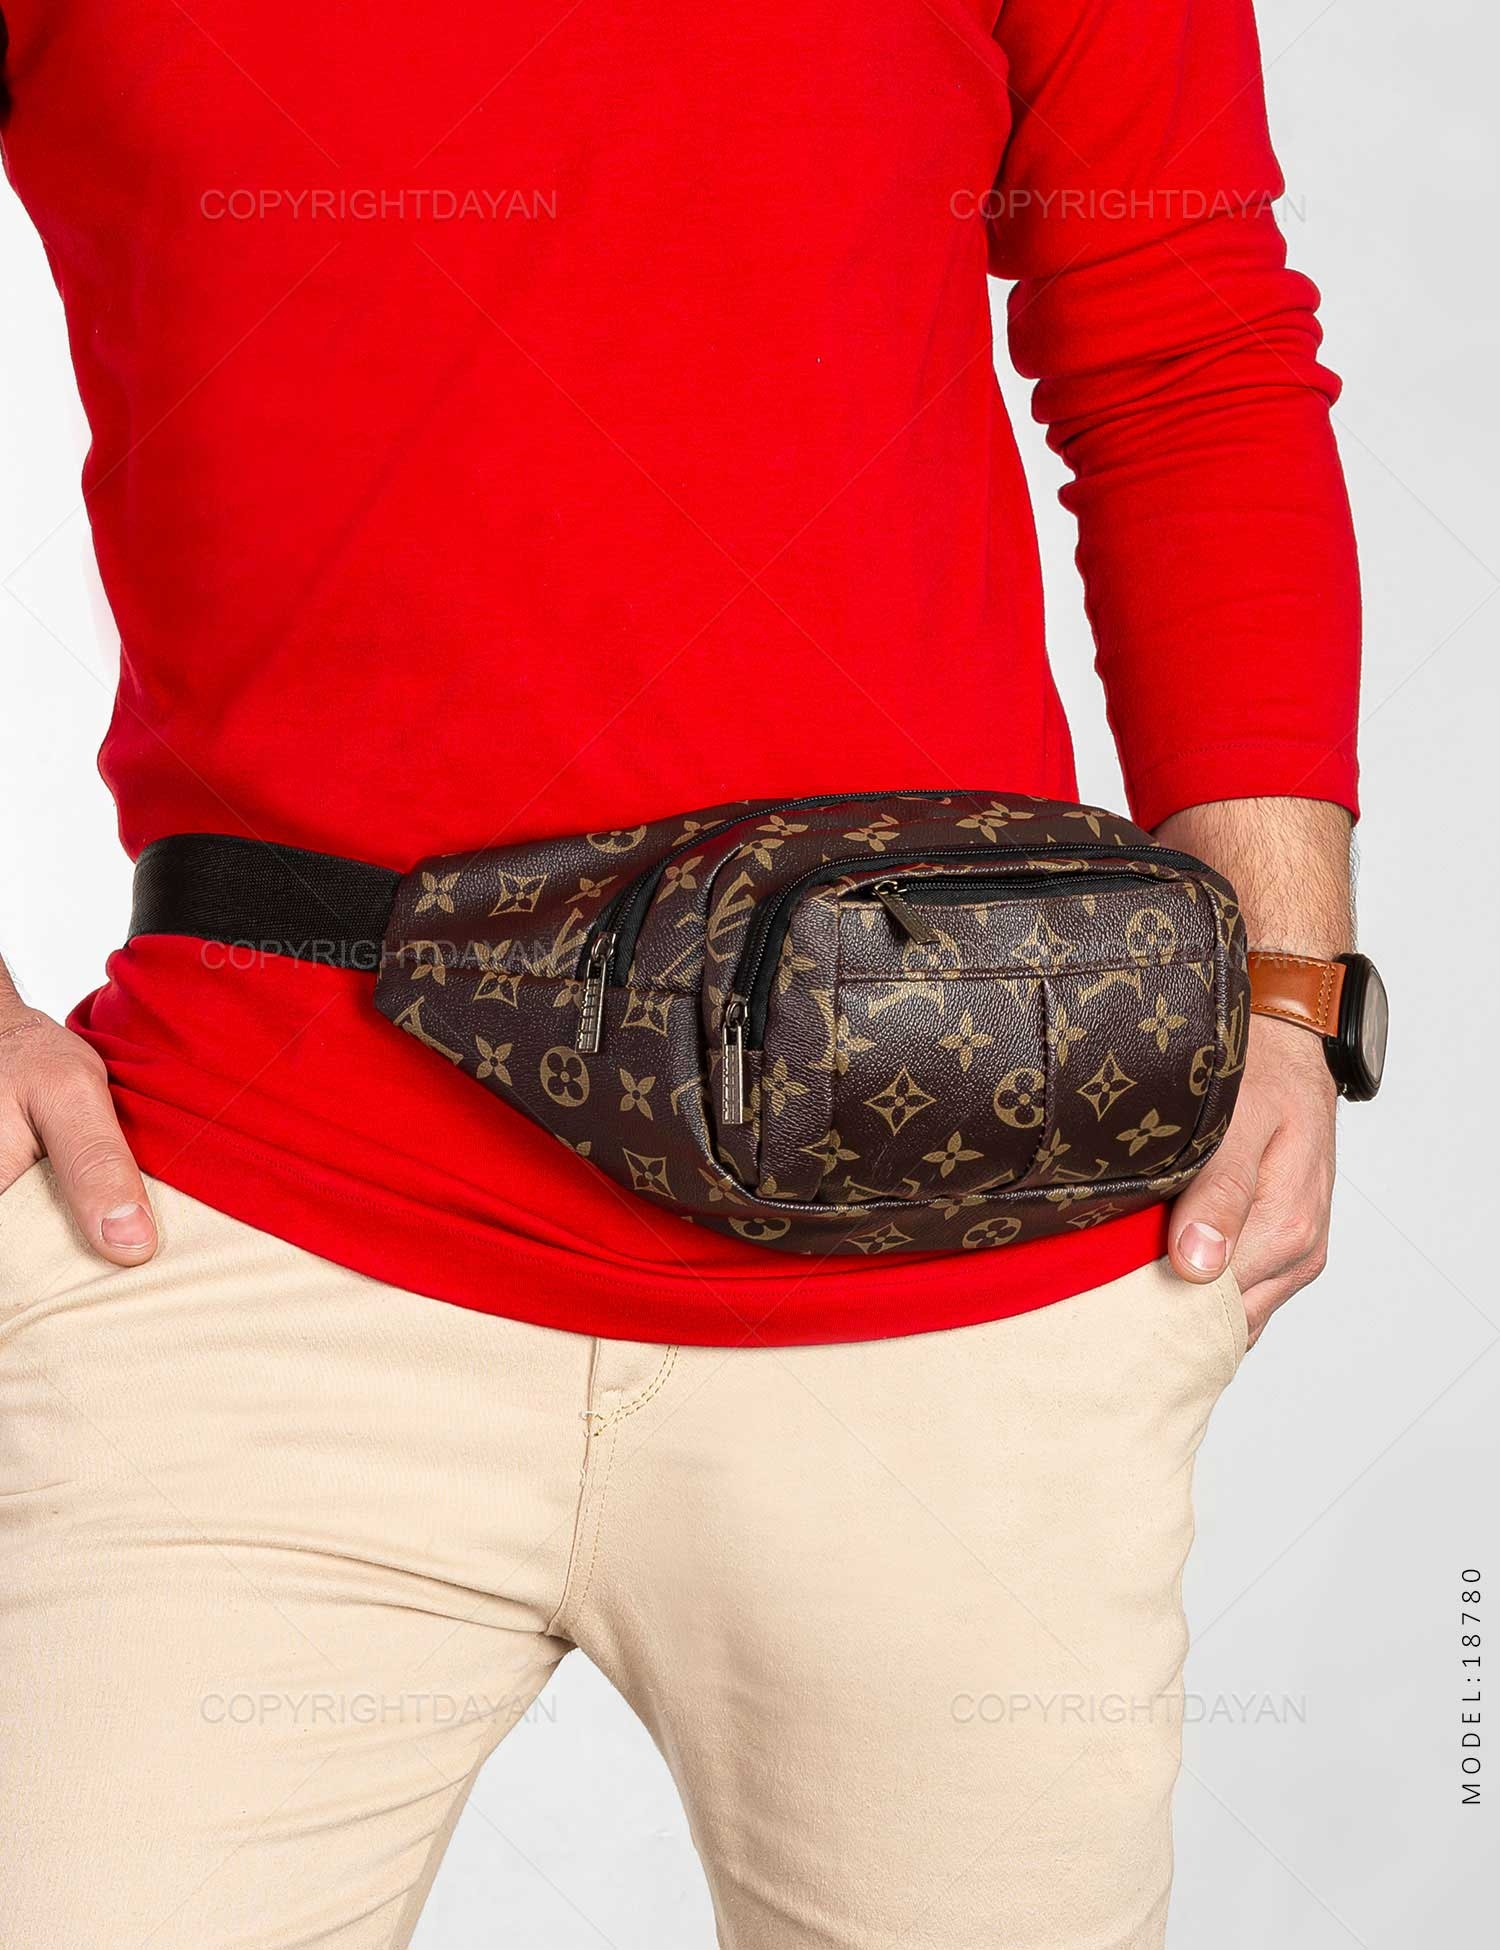 کیف کمری Louis Vuitton مدل 18780